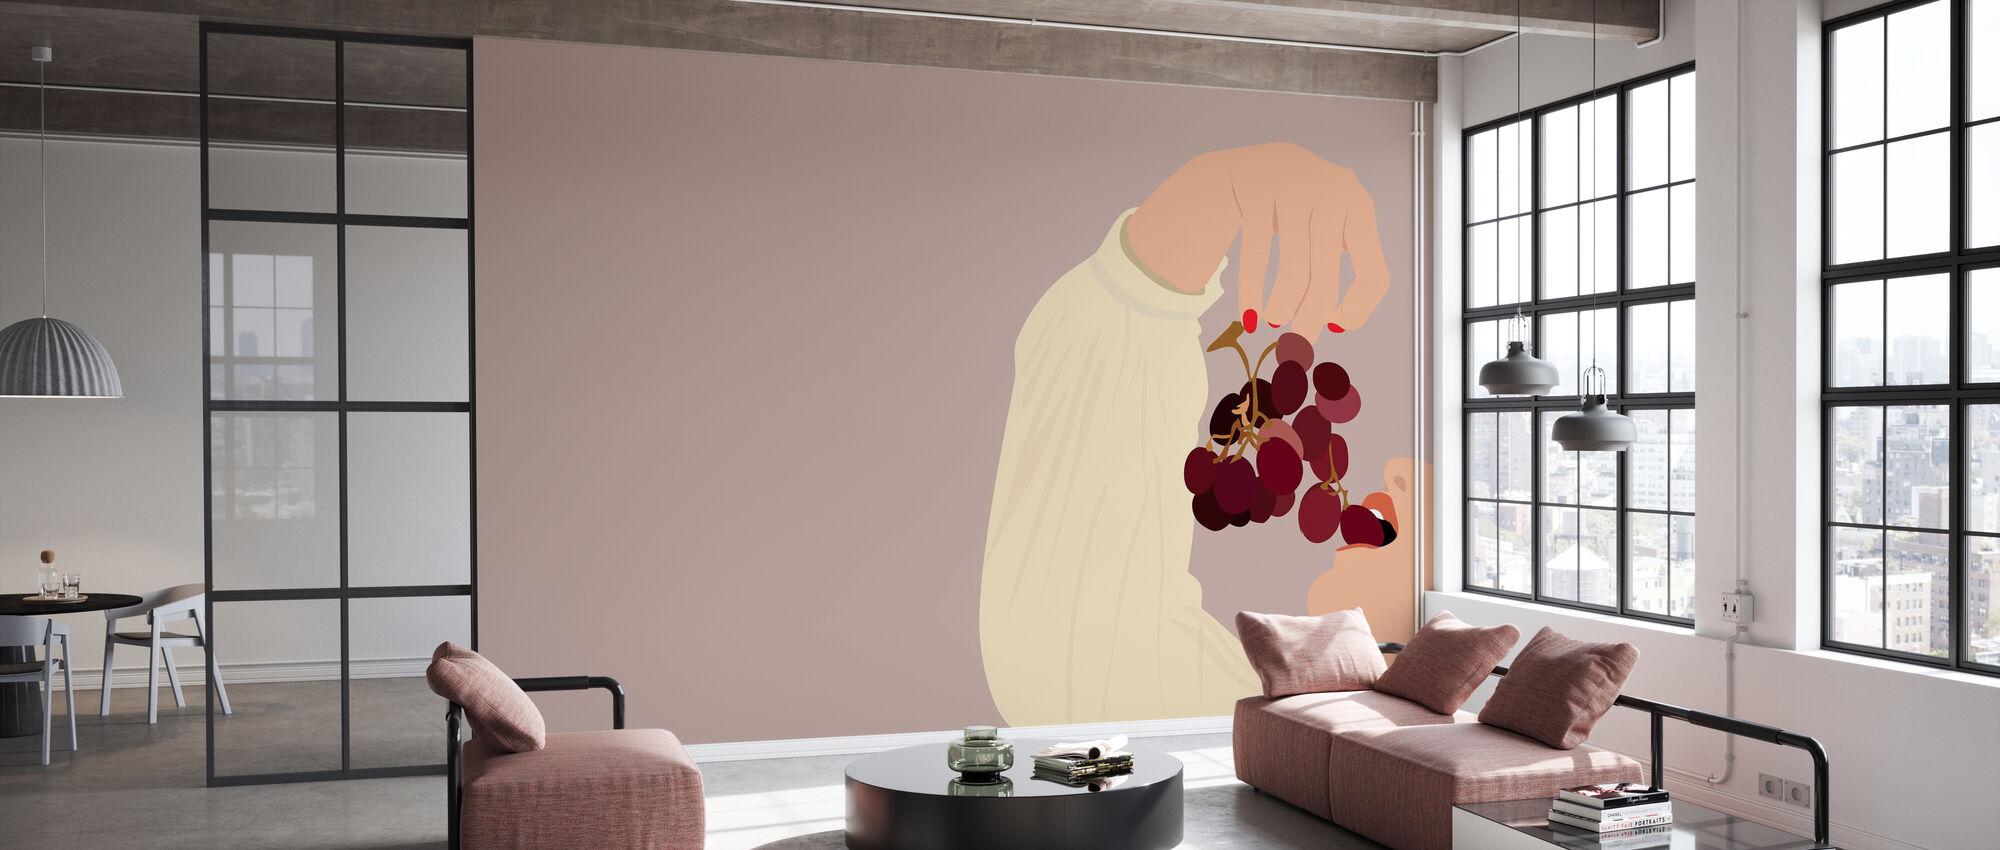 Druiven - Behang - Kantoor